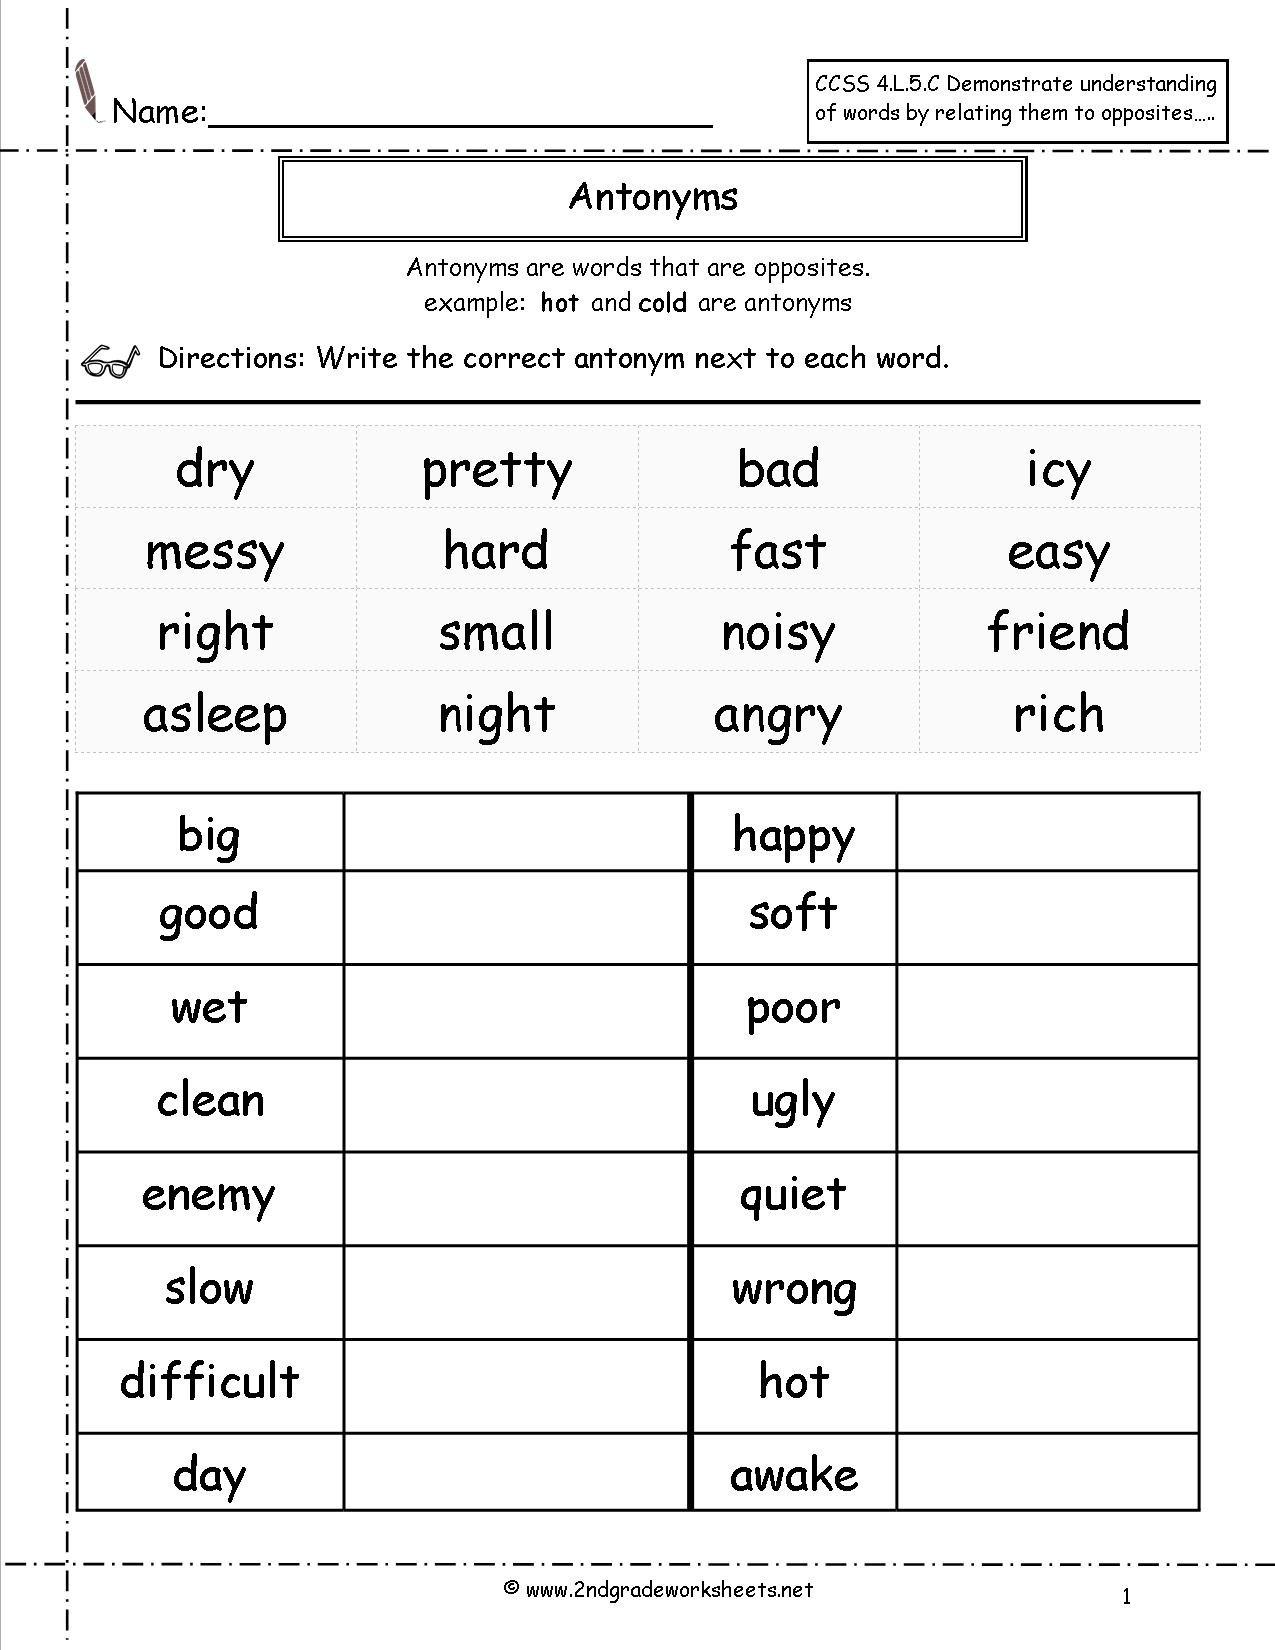 Grammar Worksheets For 2nd Grade The Best Worksheets Image